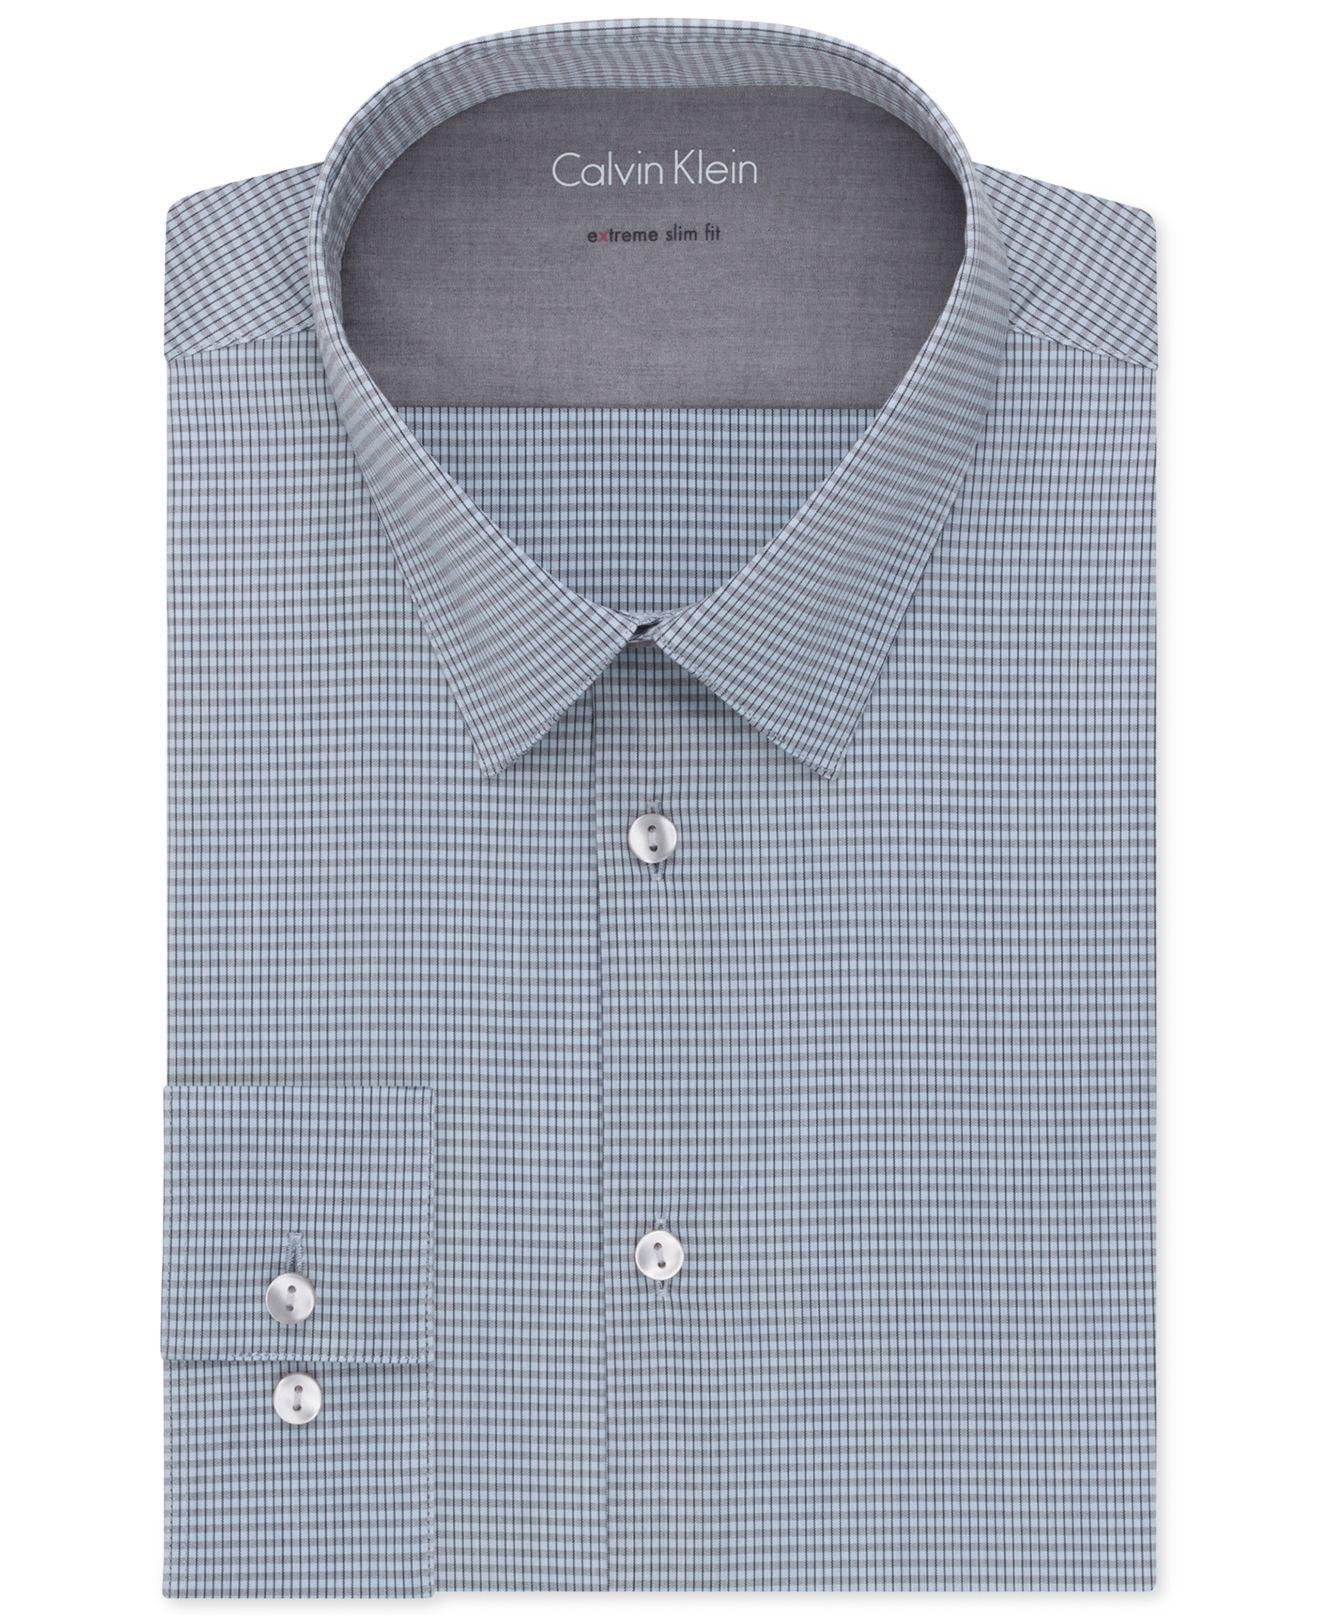 Lyst calvin klein x extra slim fit stretch blue check for Calvin klein slim fit stretch shirt